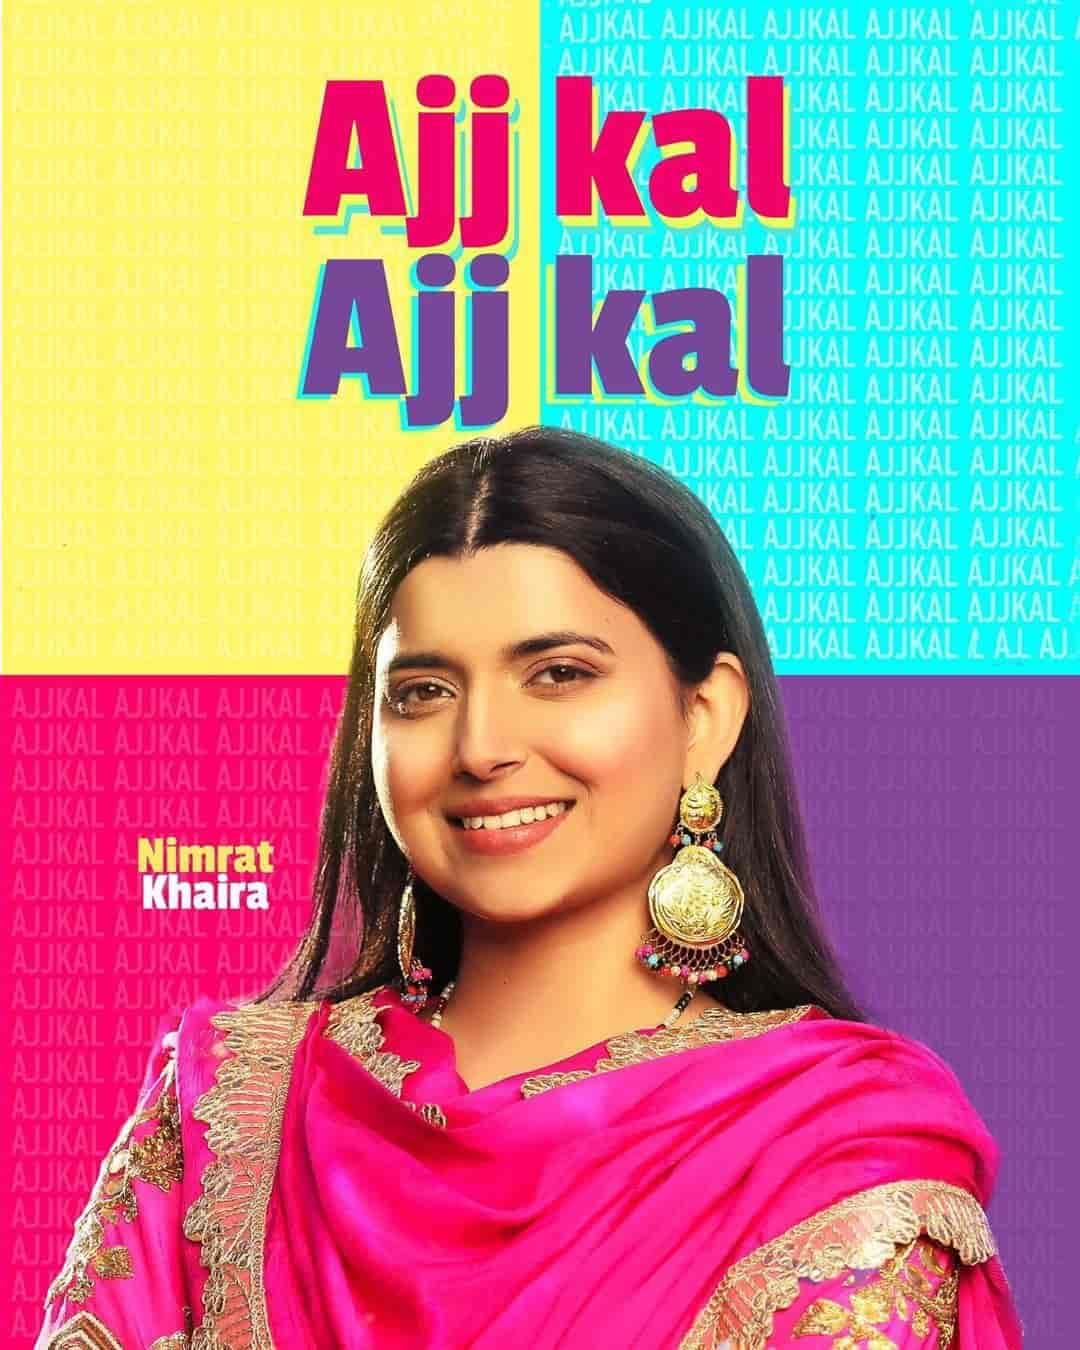 Ajj Kal Ajj Kal Punjabi Song Image By Nimrat Khaira